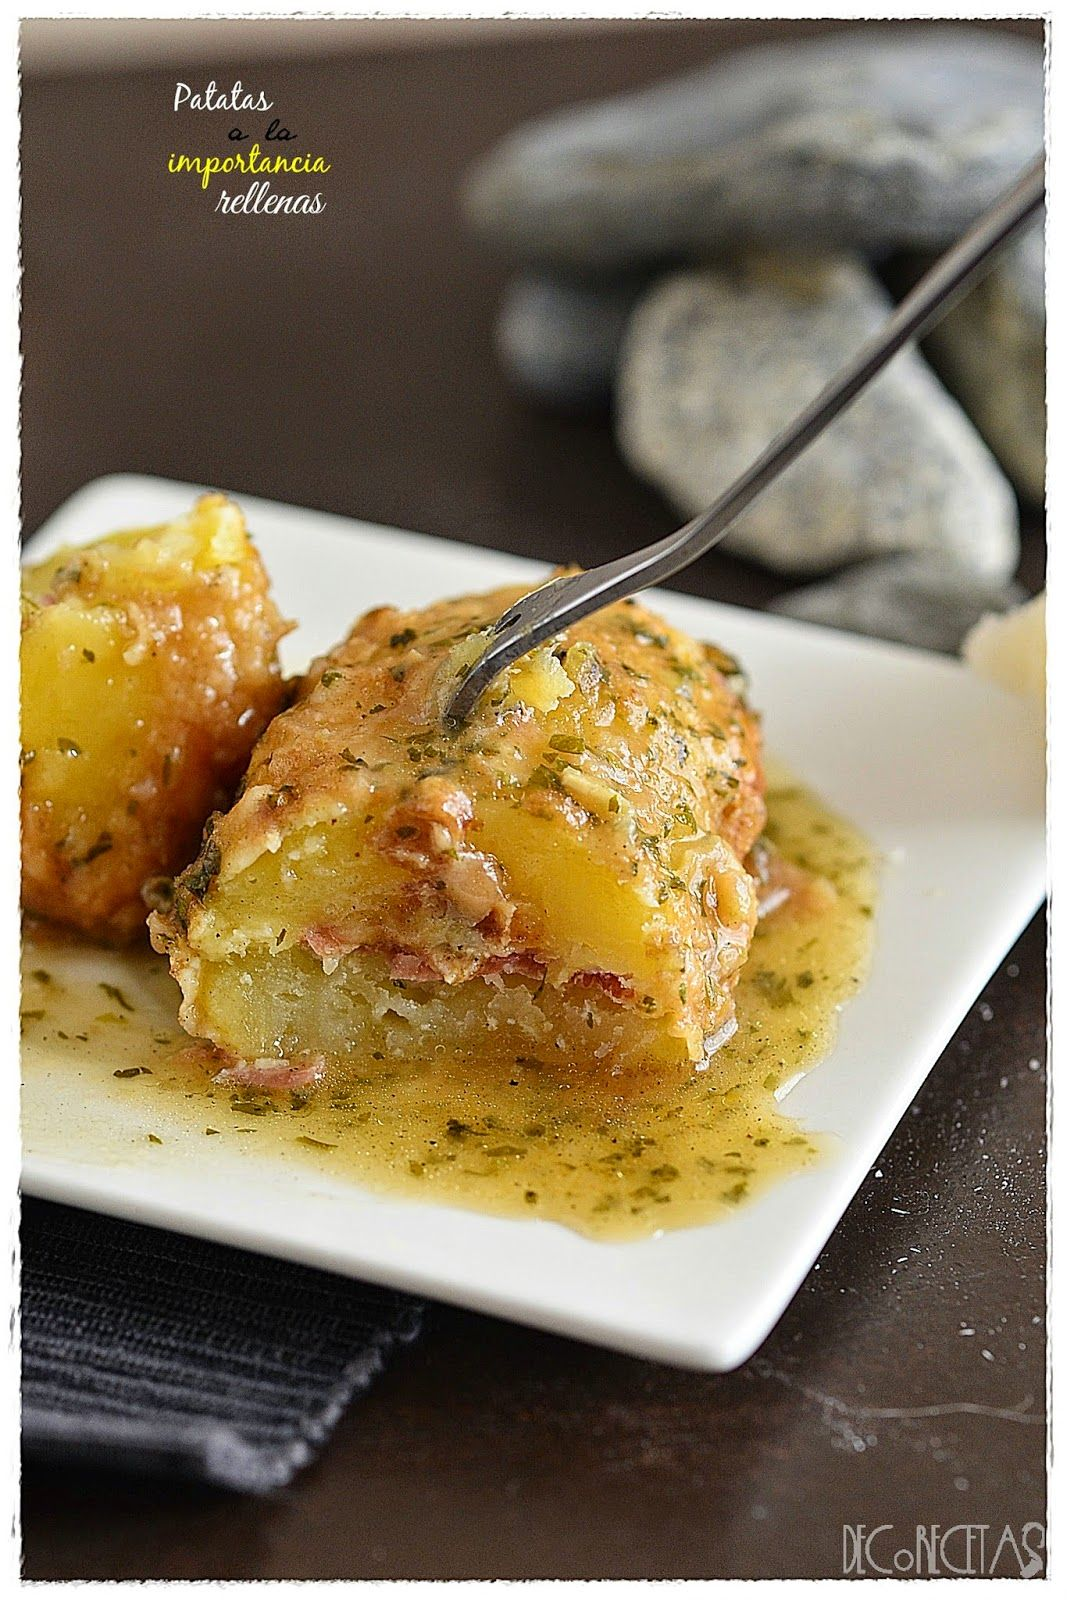 DECORECETAS: Patatas a la importancia rellenas